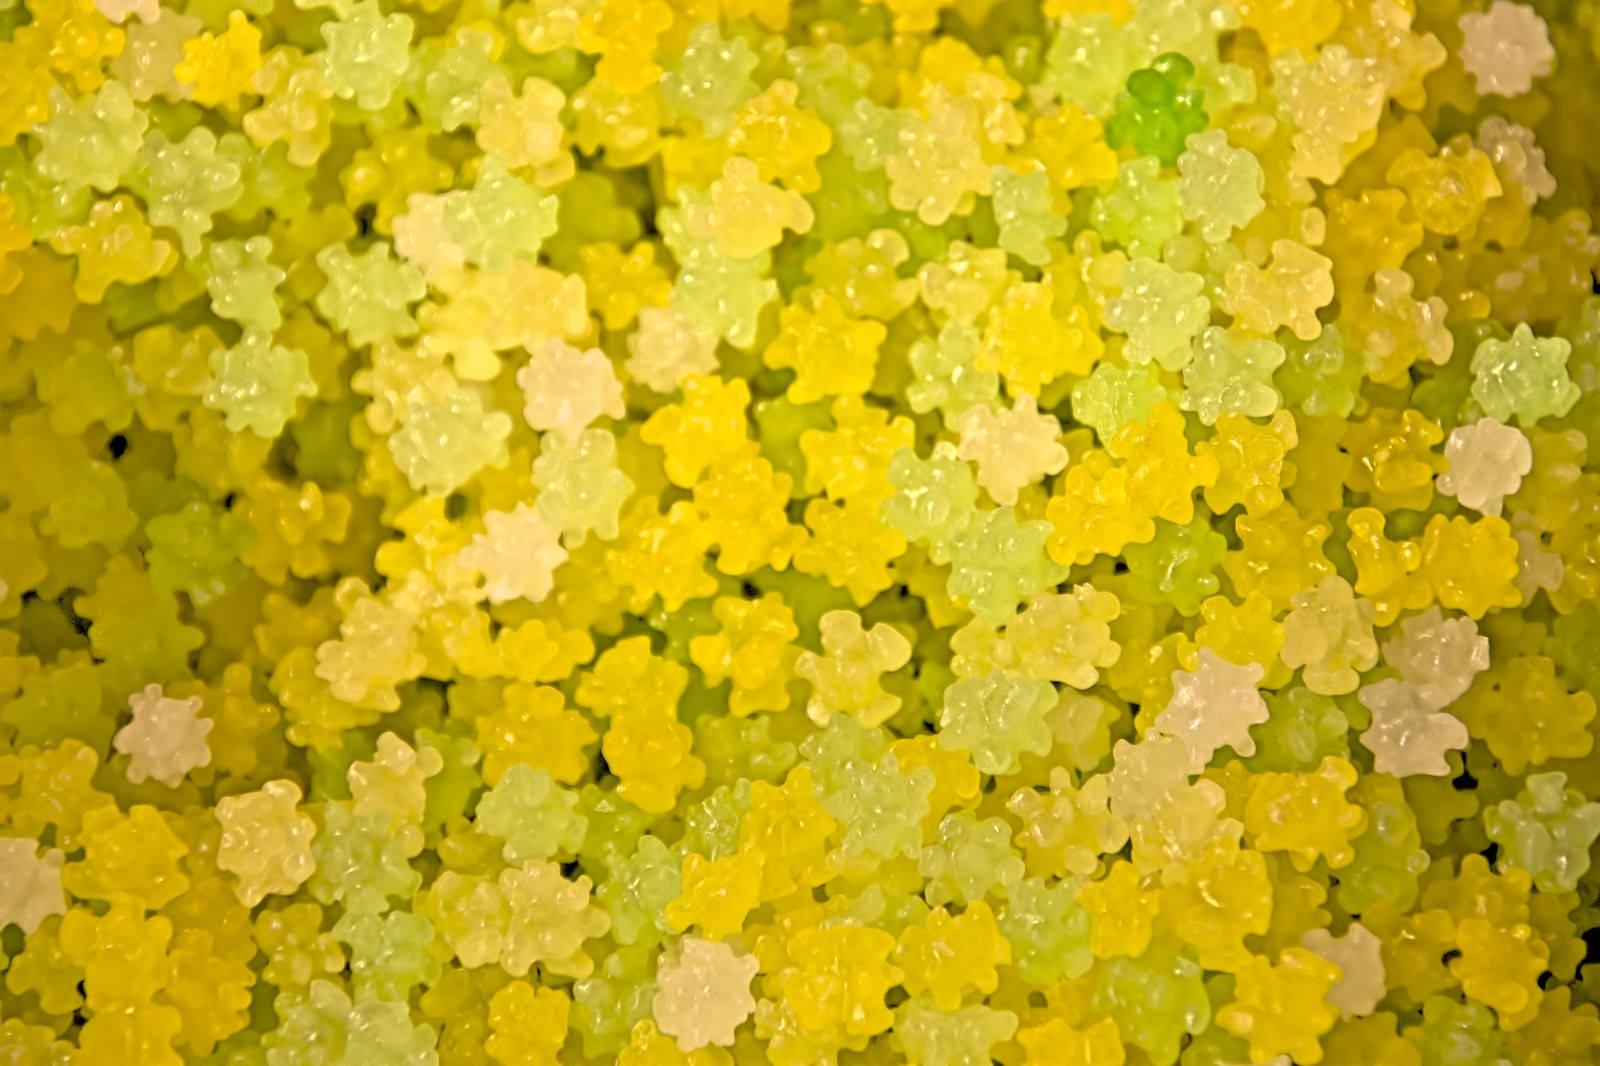 「黄色いコンペイトウ」の写真